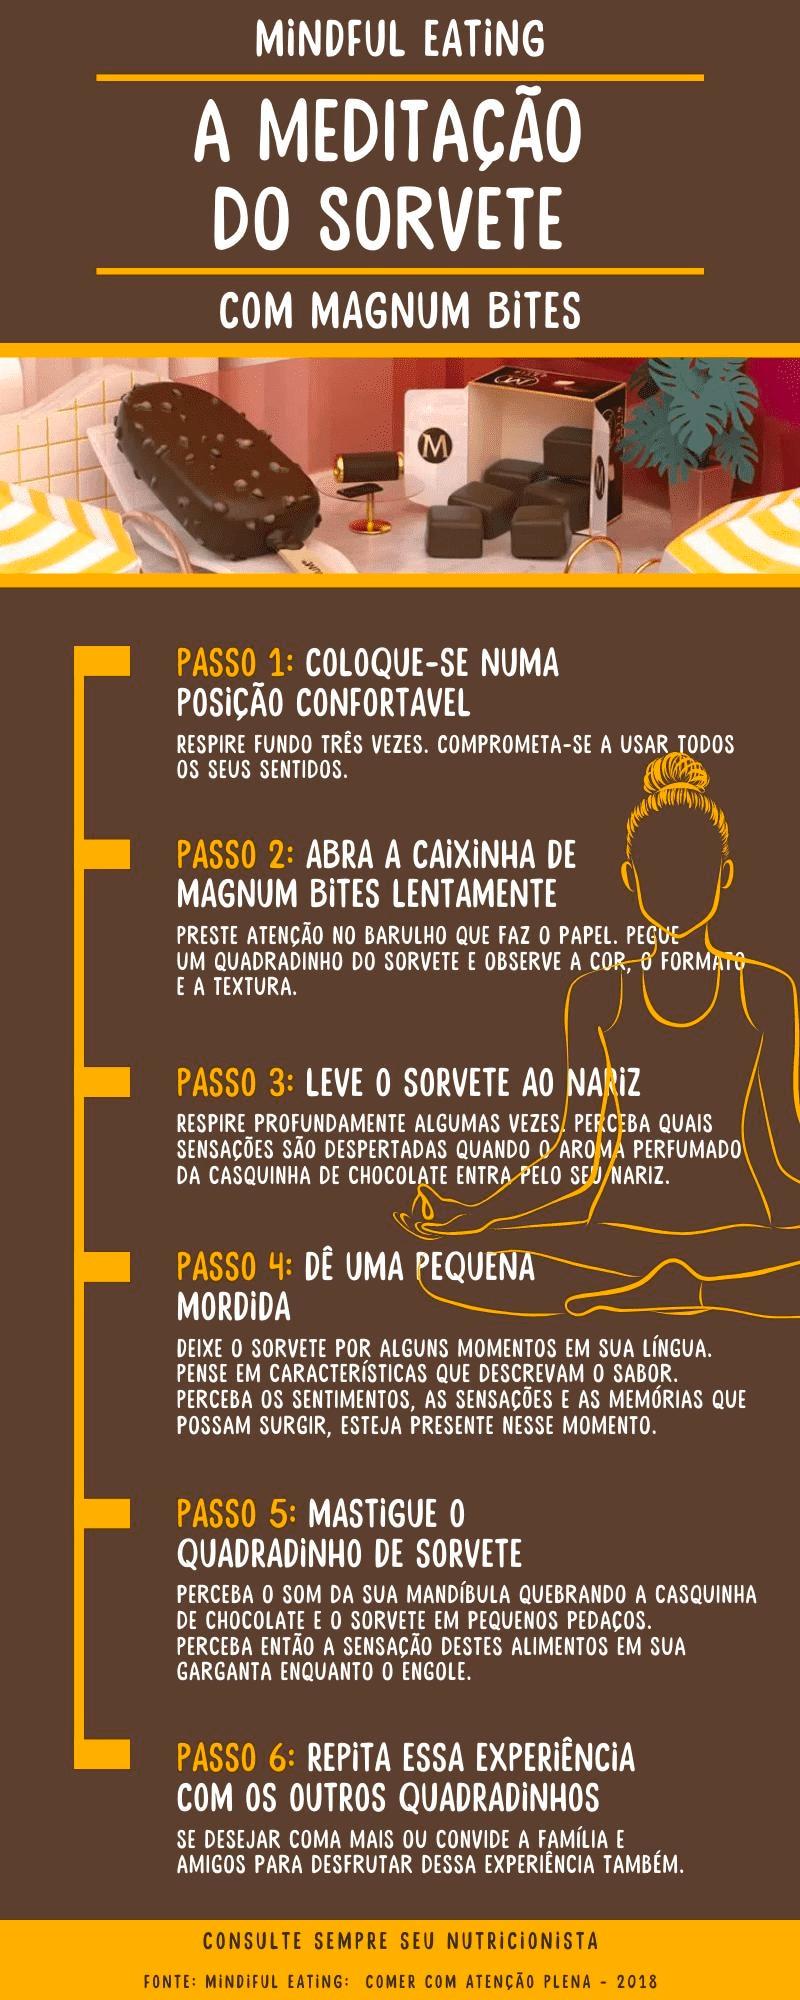 Infográfico com os 6 passos da meditação do sorvete com magnum bites